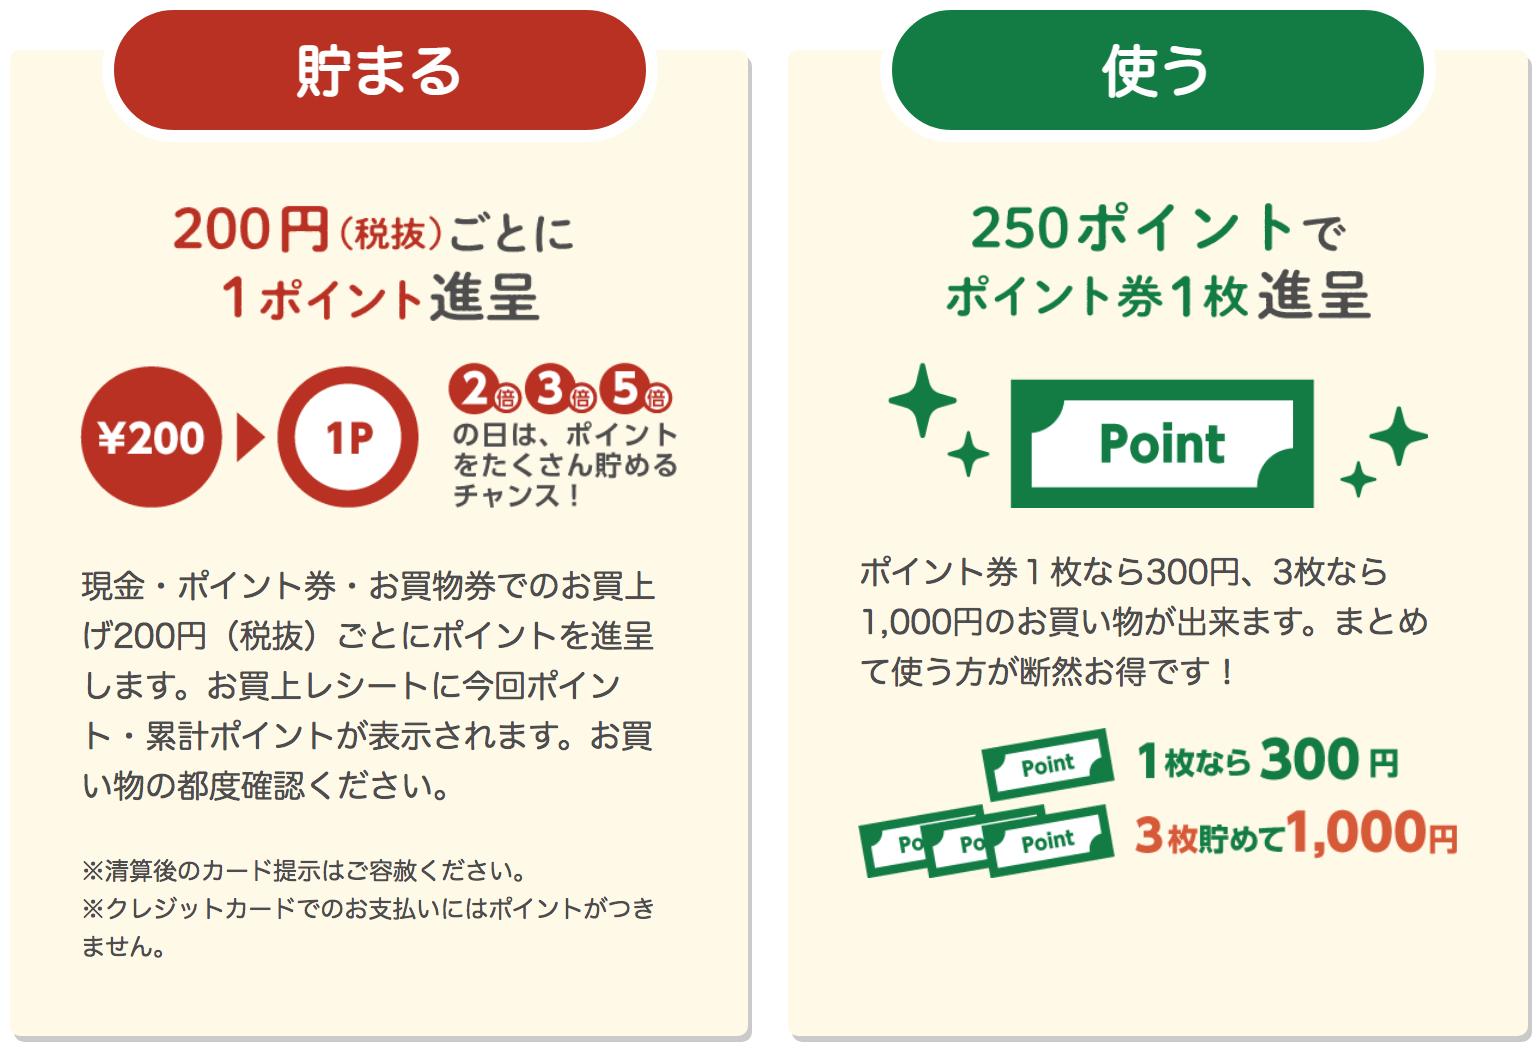 f:id:kumashufu:20210329163122p:plain